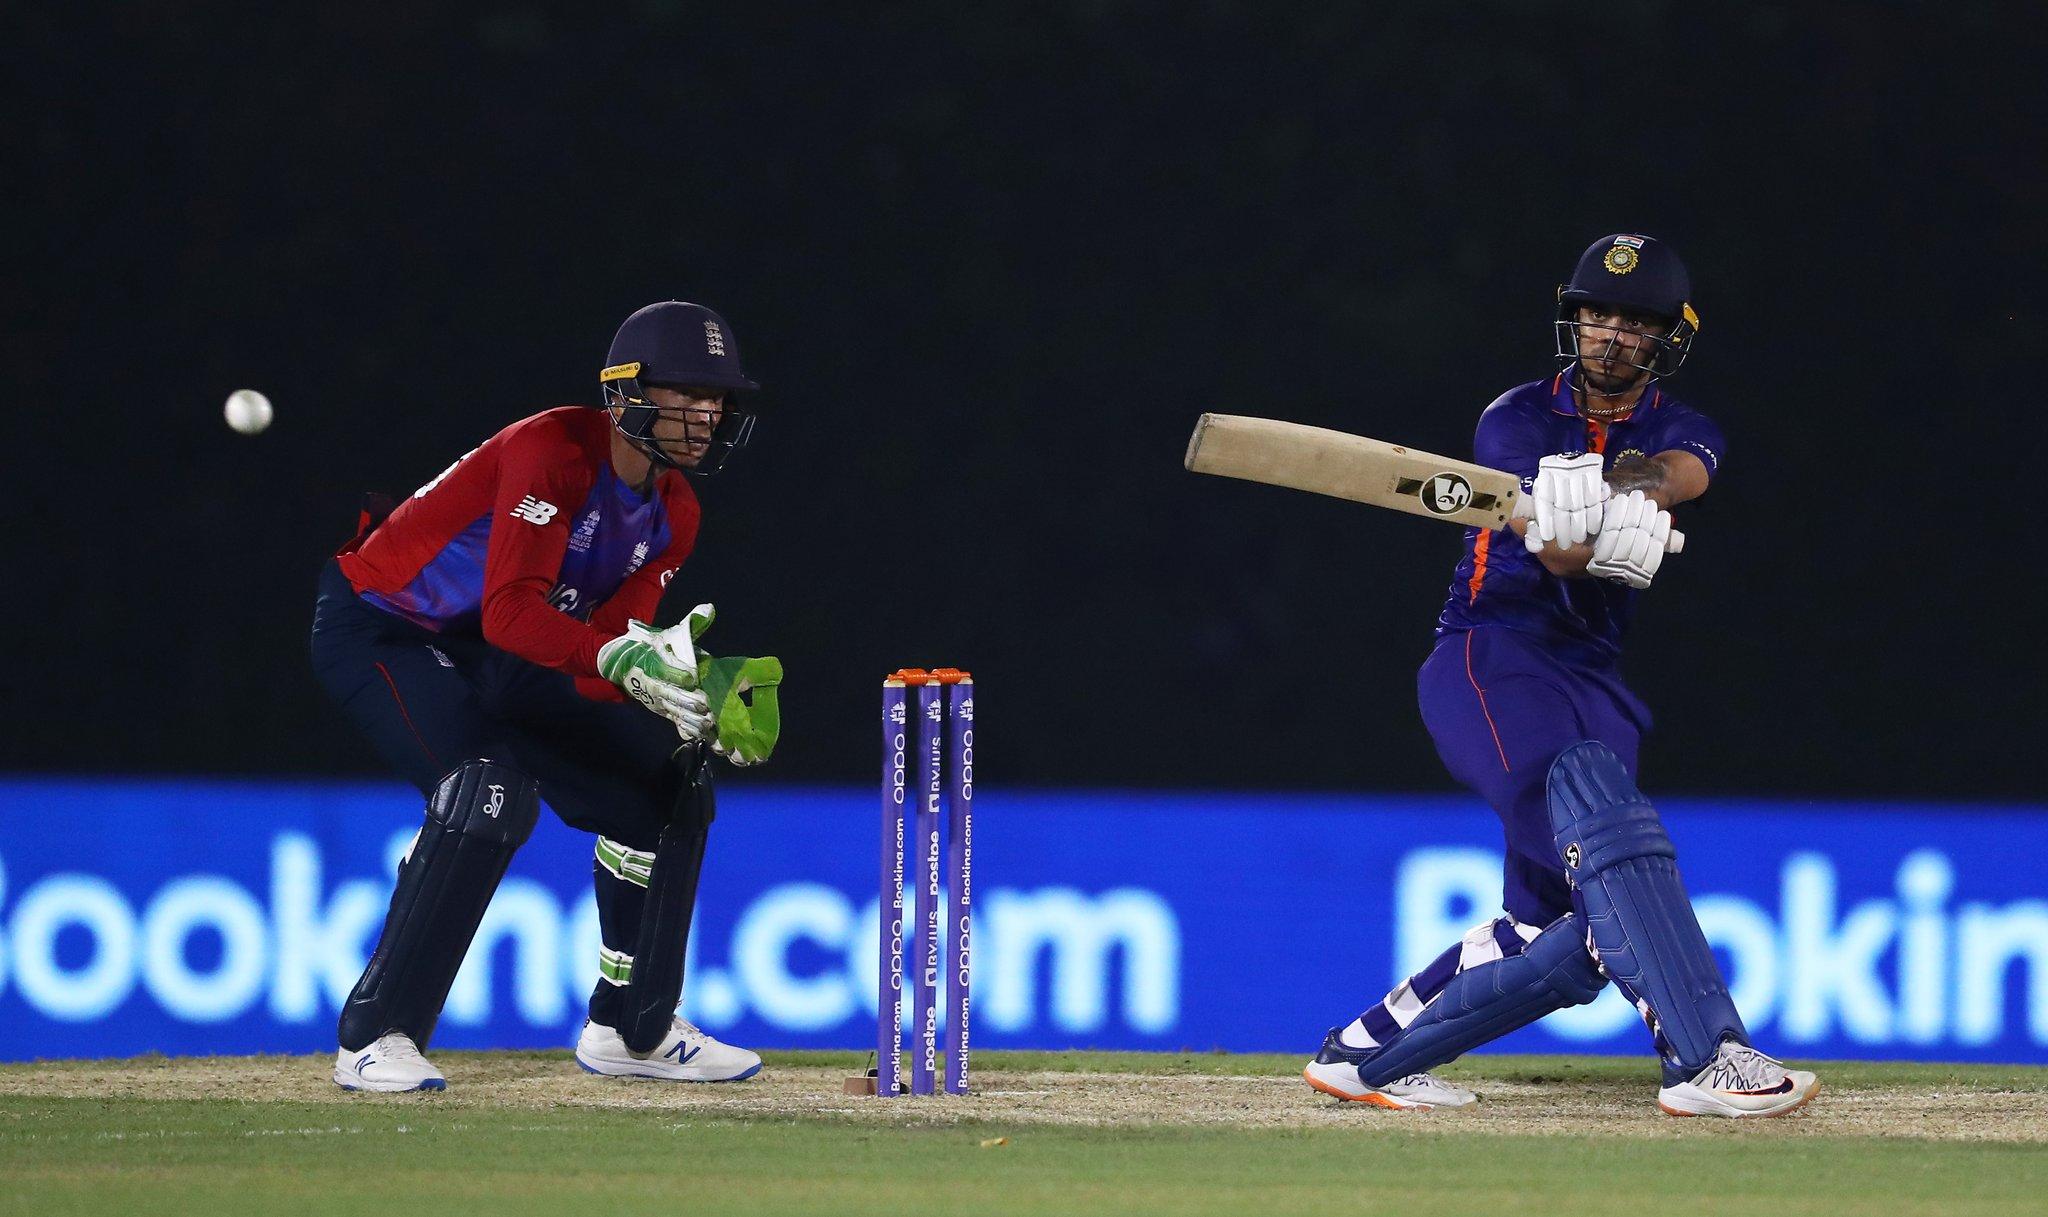 IND vs ENG: अभ्यास मैच में टीम इंडिया ने इंग्लैंड को 7 विकटों से हराया